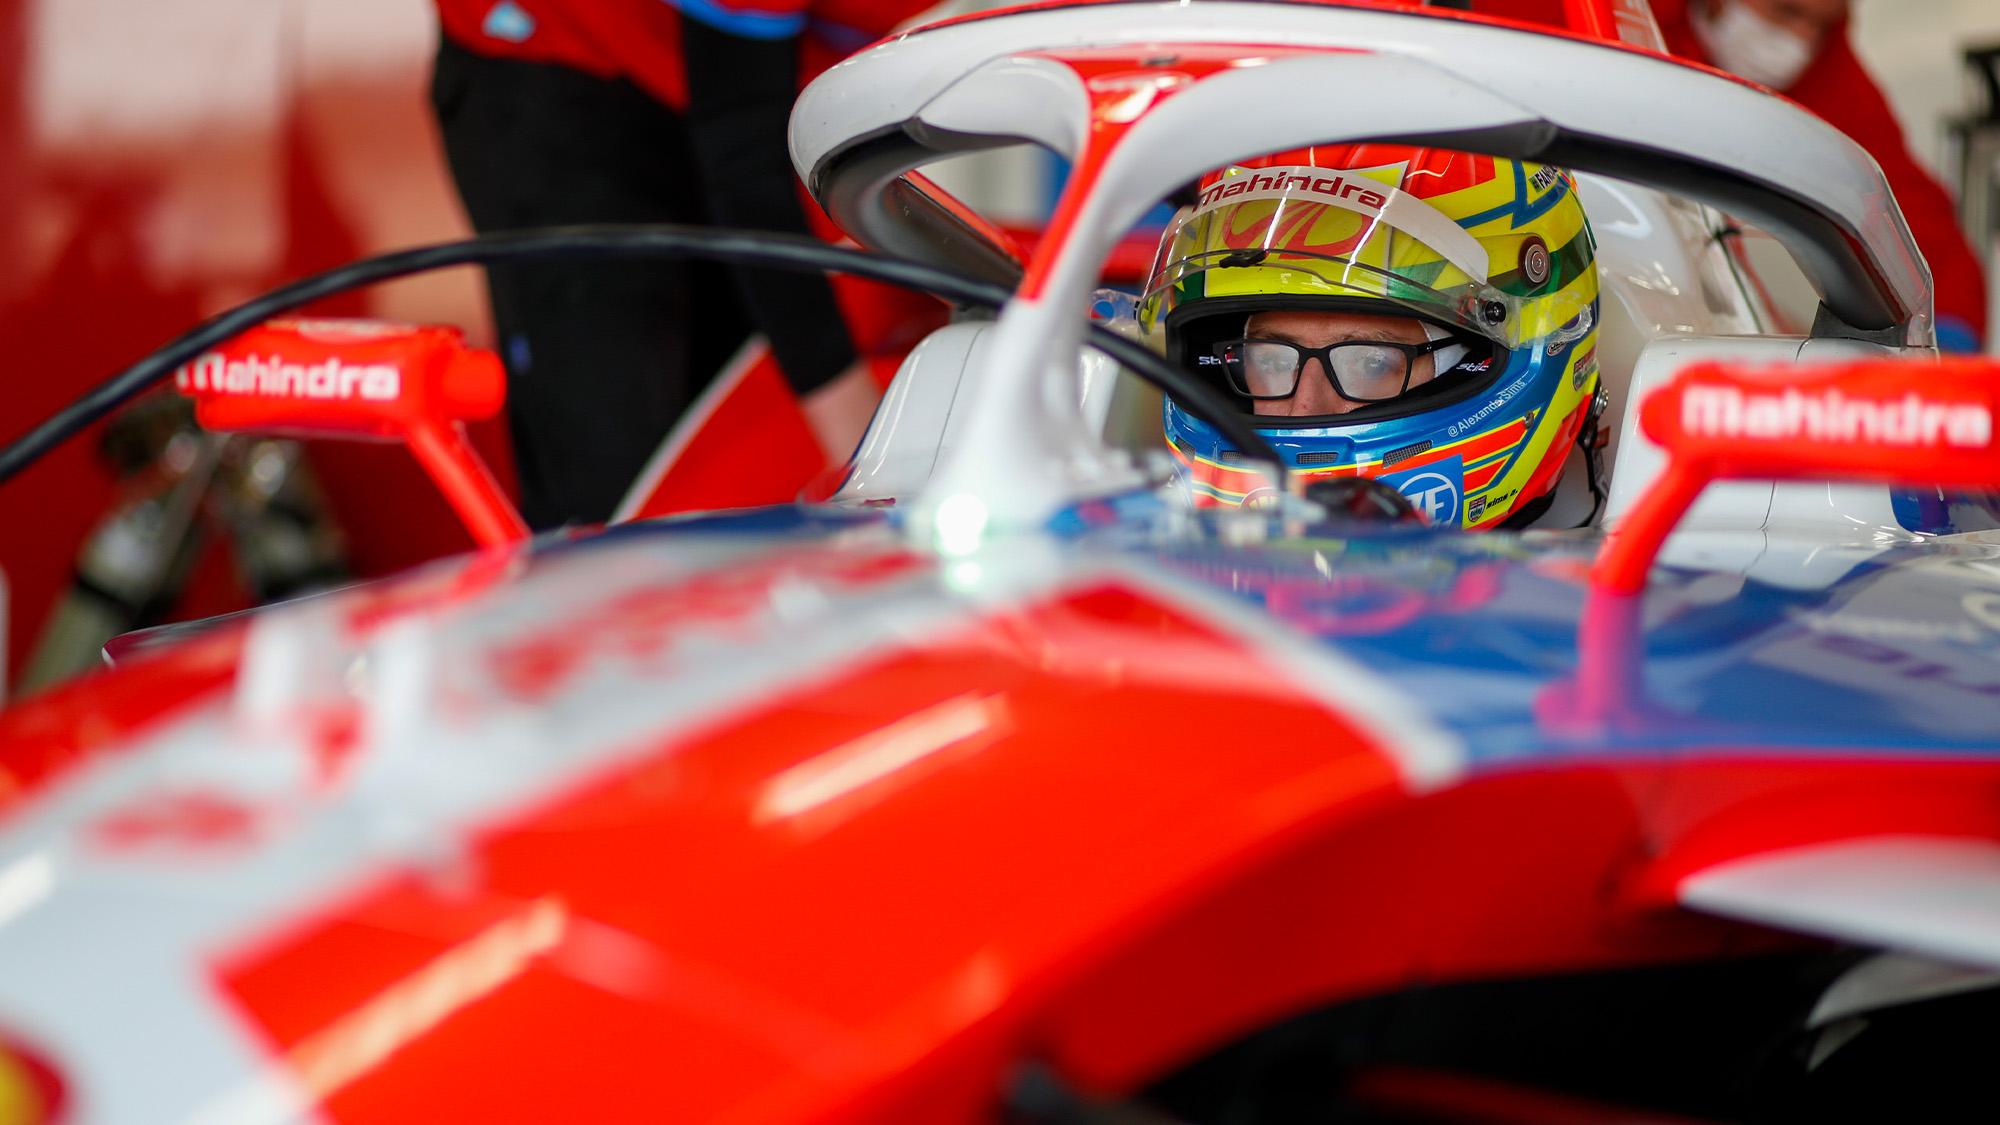 Alexander Sims at the wheel of his Mahindra Formula E car